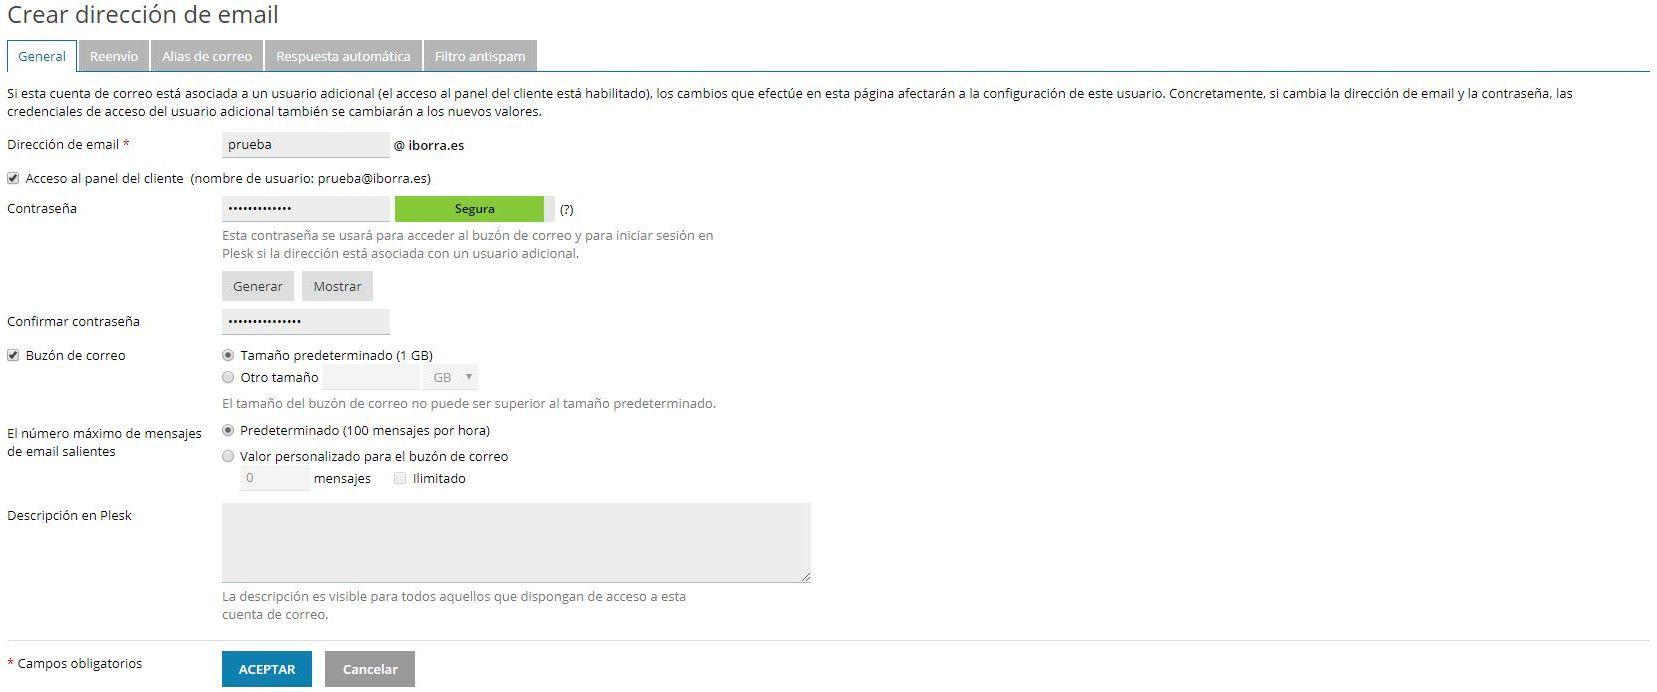 configura gmail con una cuenta de correo de tu dominio img1 - iborra web design